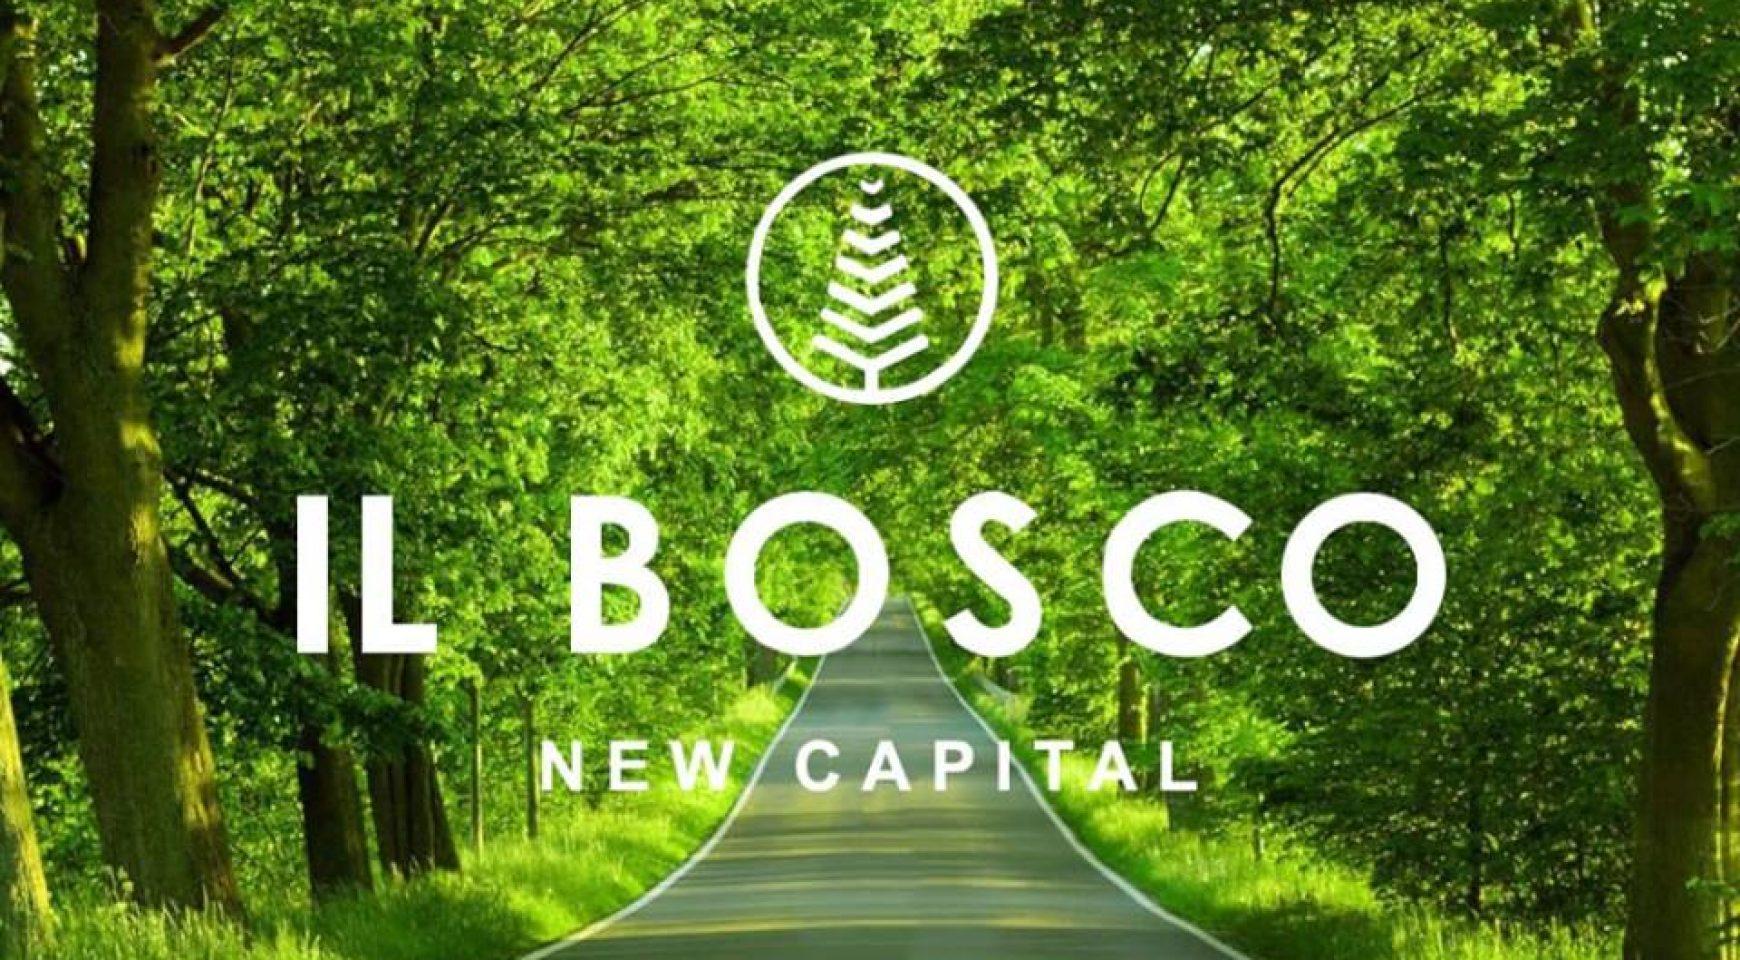 مشروع البوسكو مصر ايطاليا العاصمة الادارية الجديدة